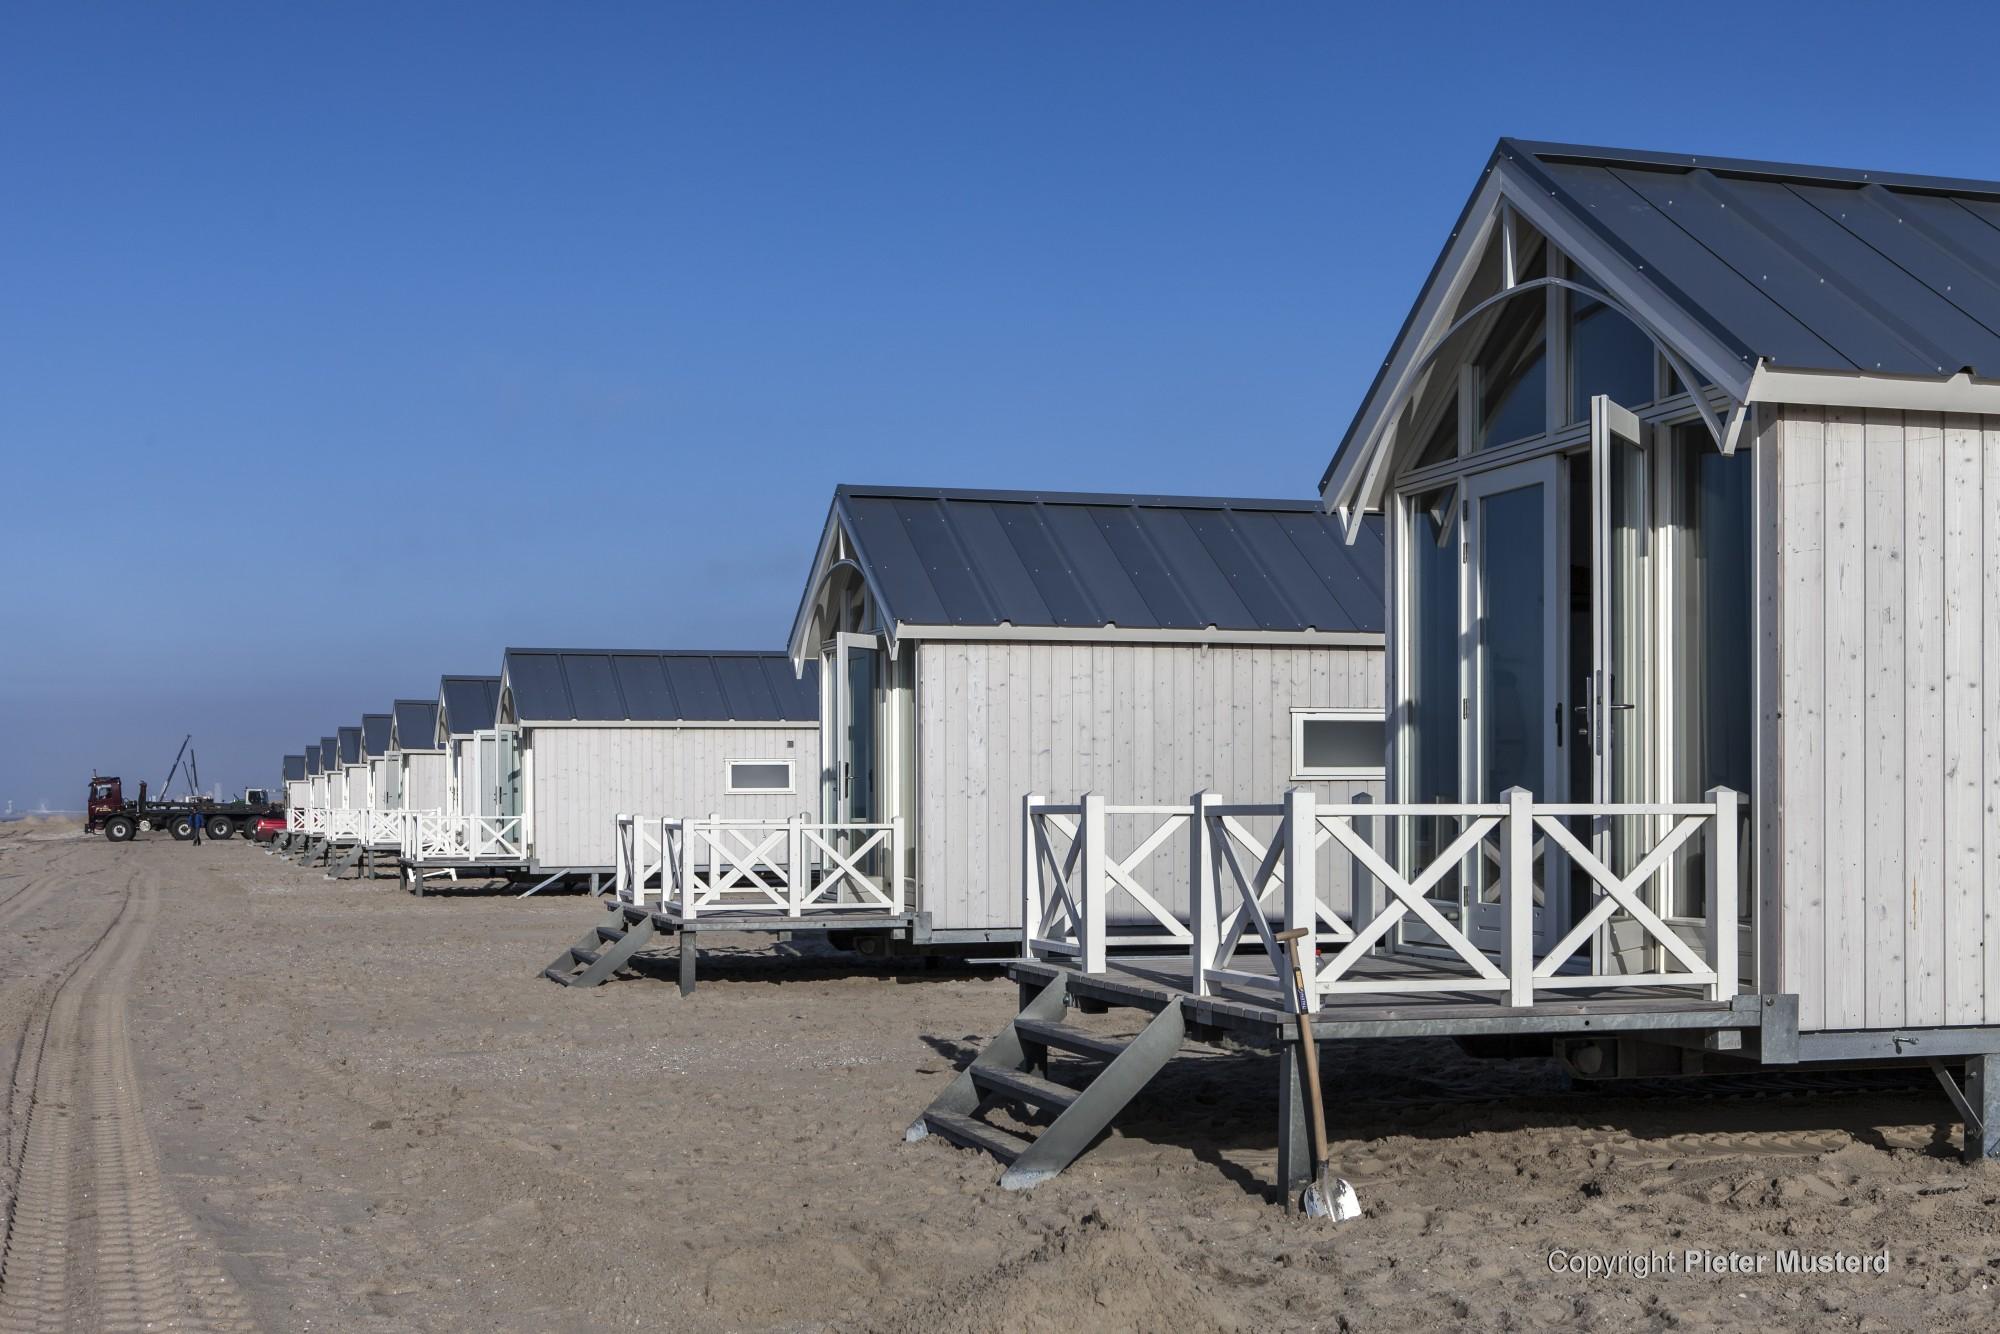 Inspraak strandhuisjes bij de Commissie Leefomgeving